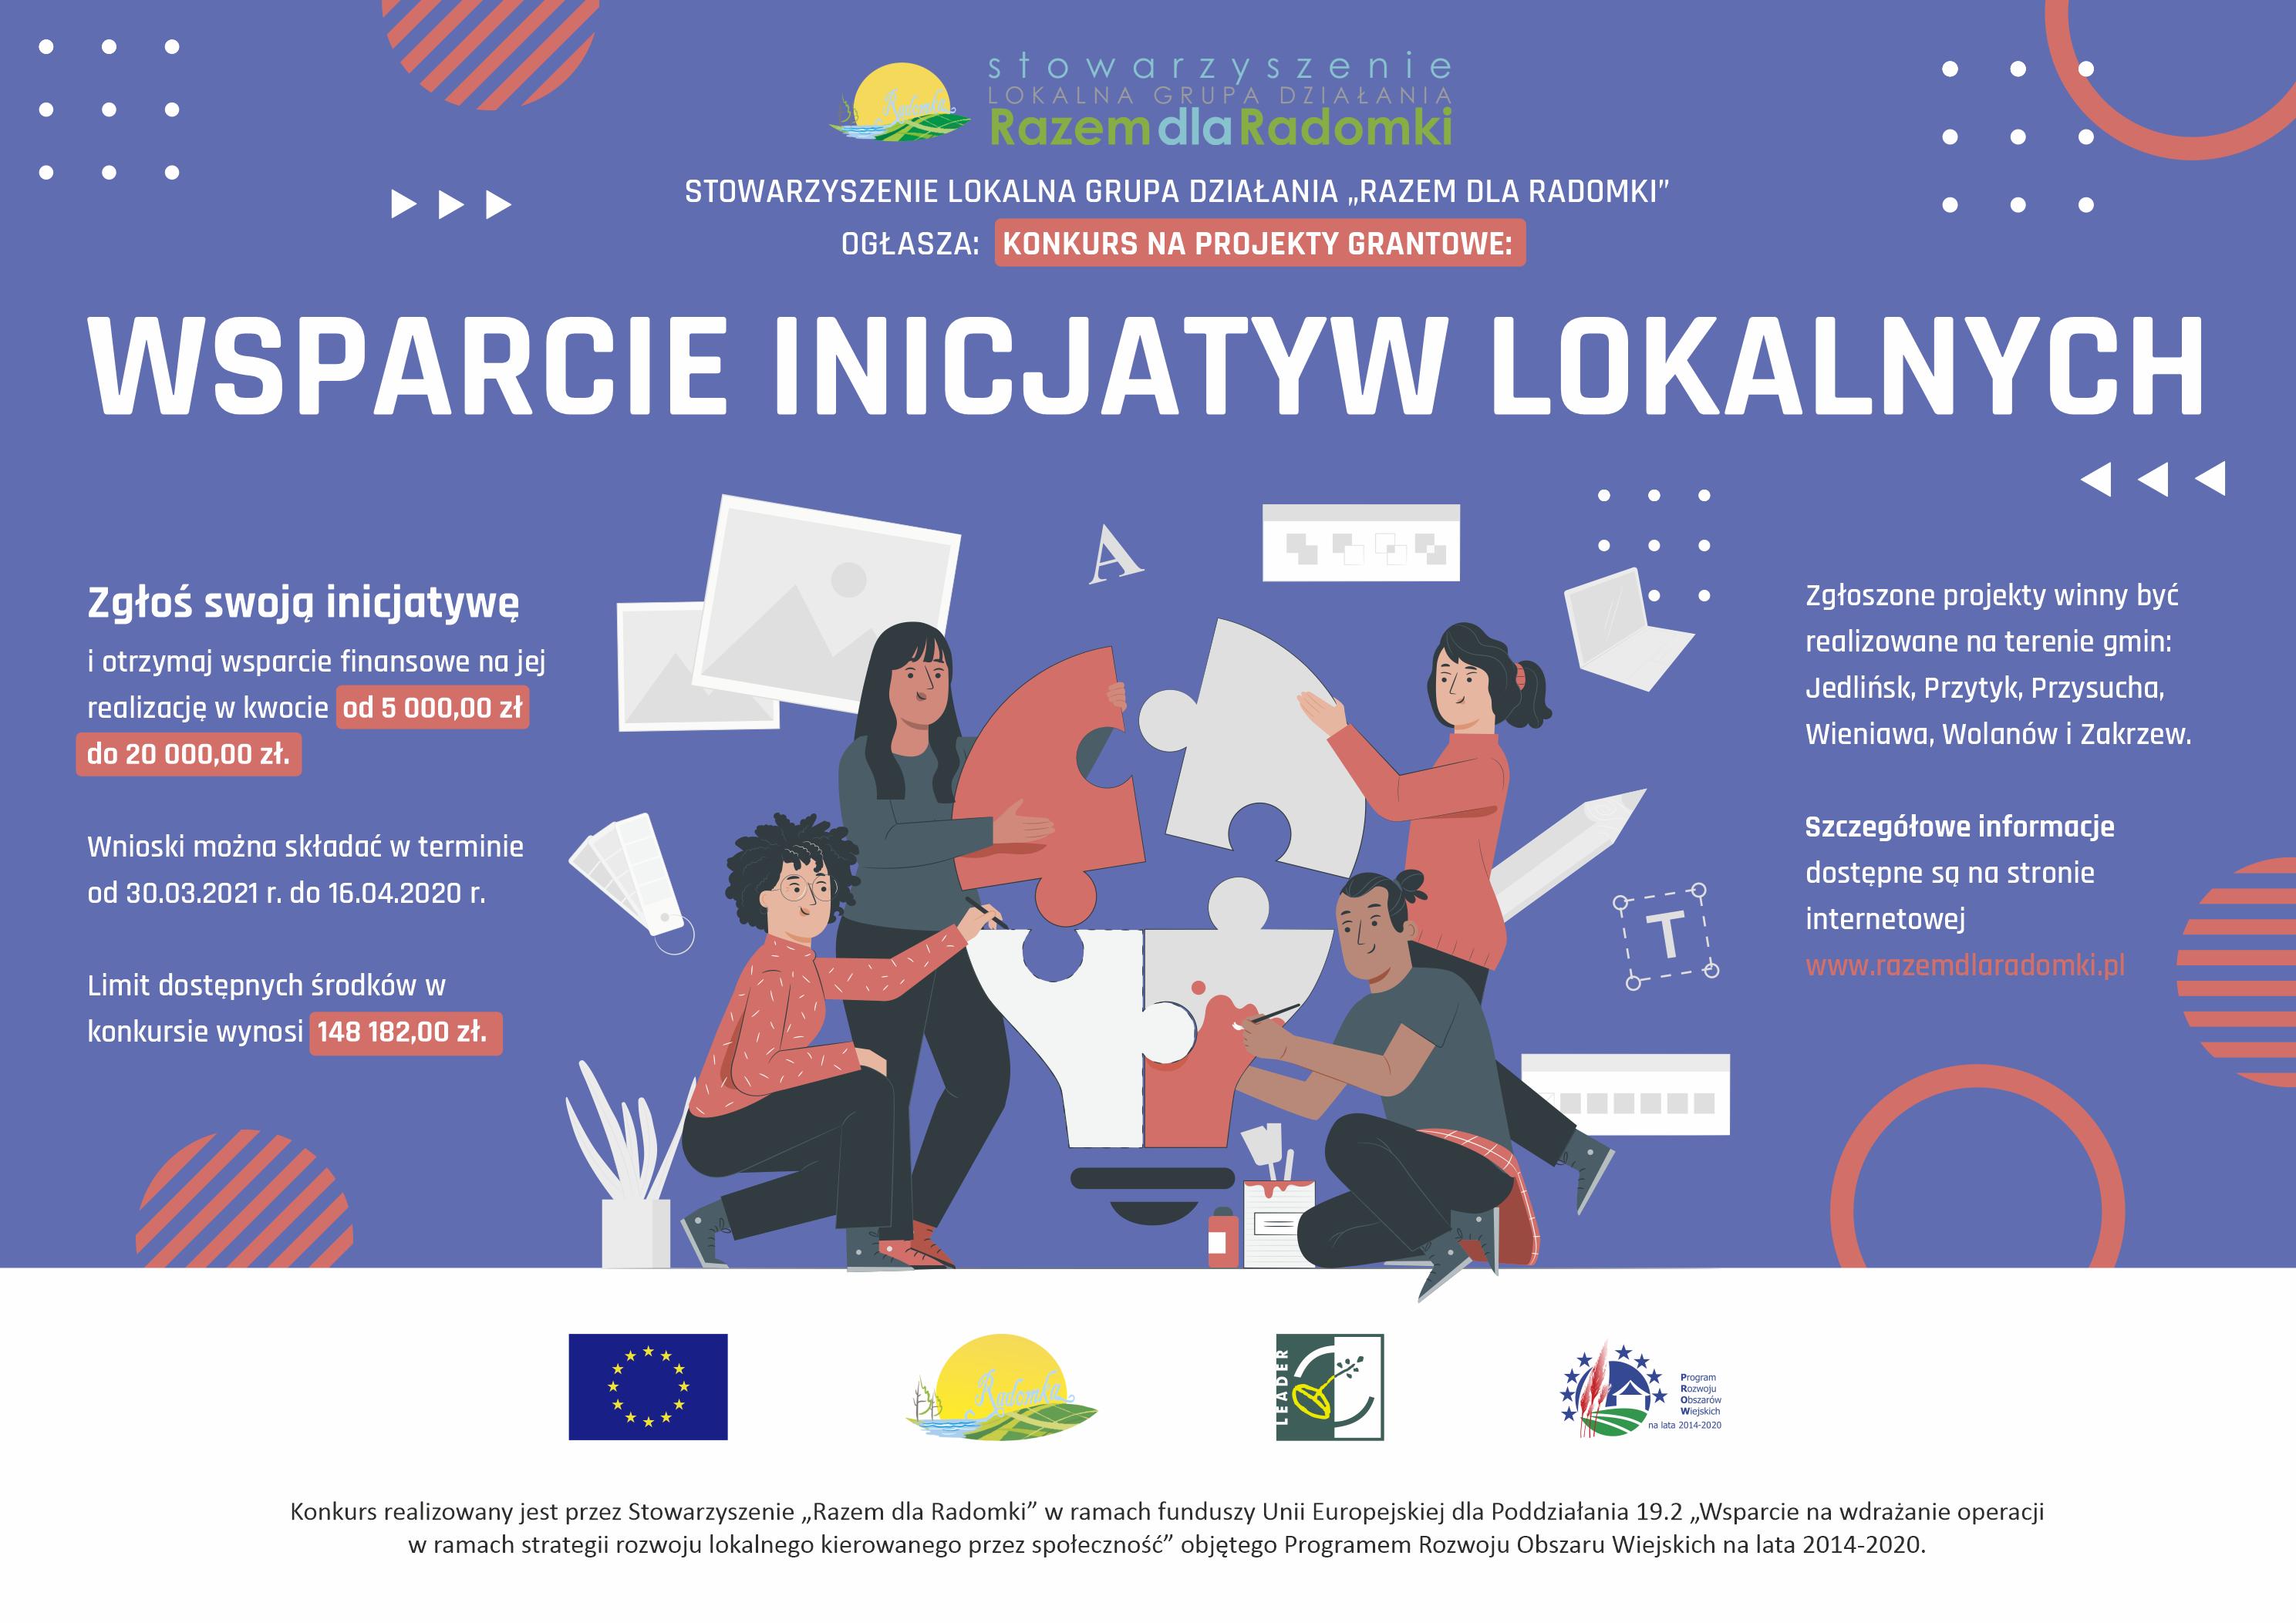 Wsparcie Inicjatyw Lokalnych